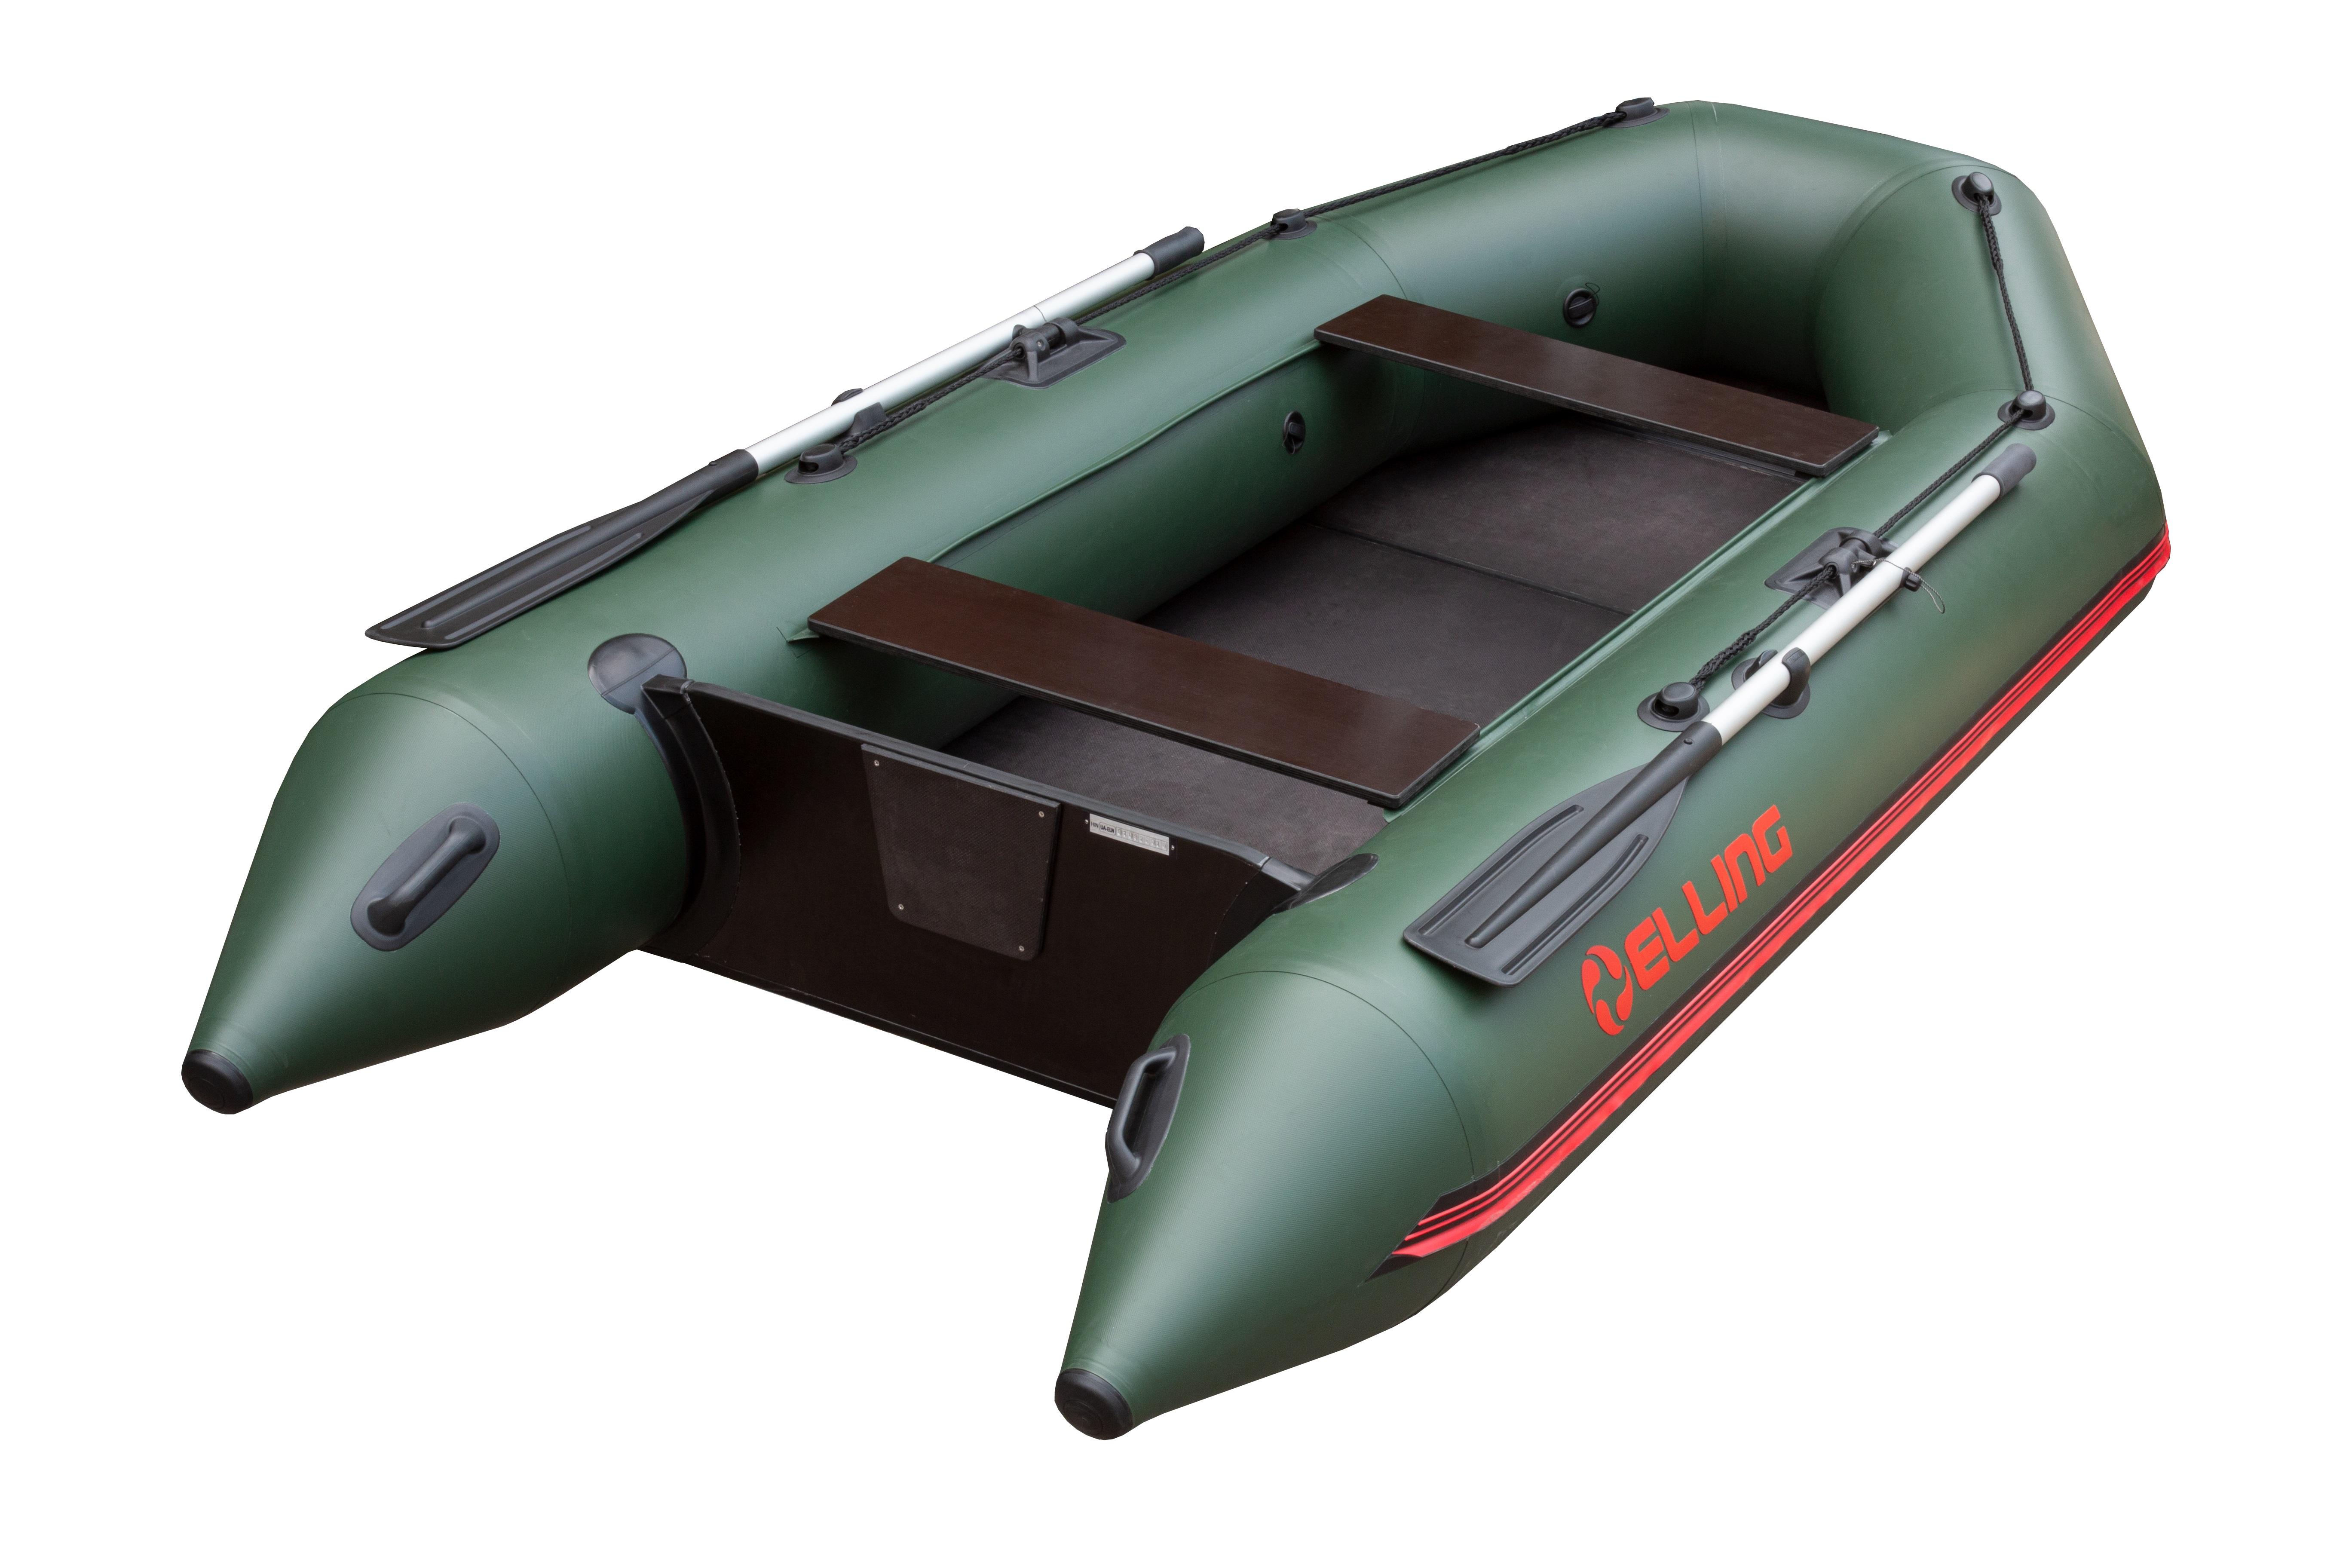 Nafukovací čluny Elling - Forsage 310 s pevnou skládací podlahou, zelený